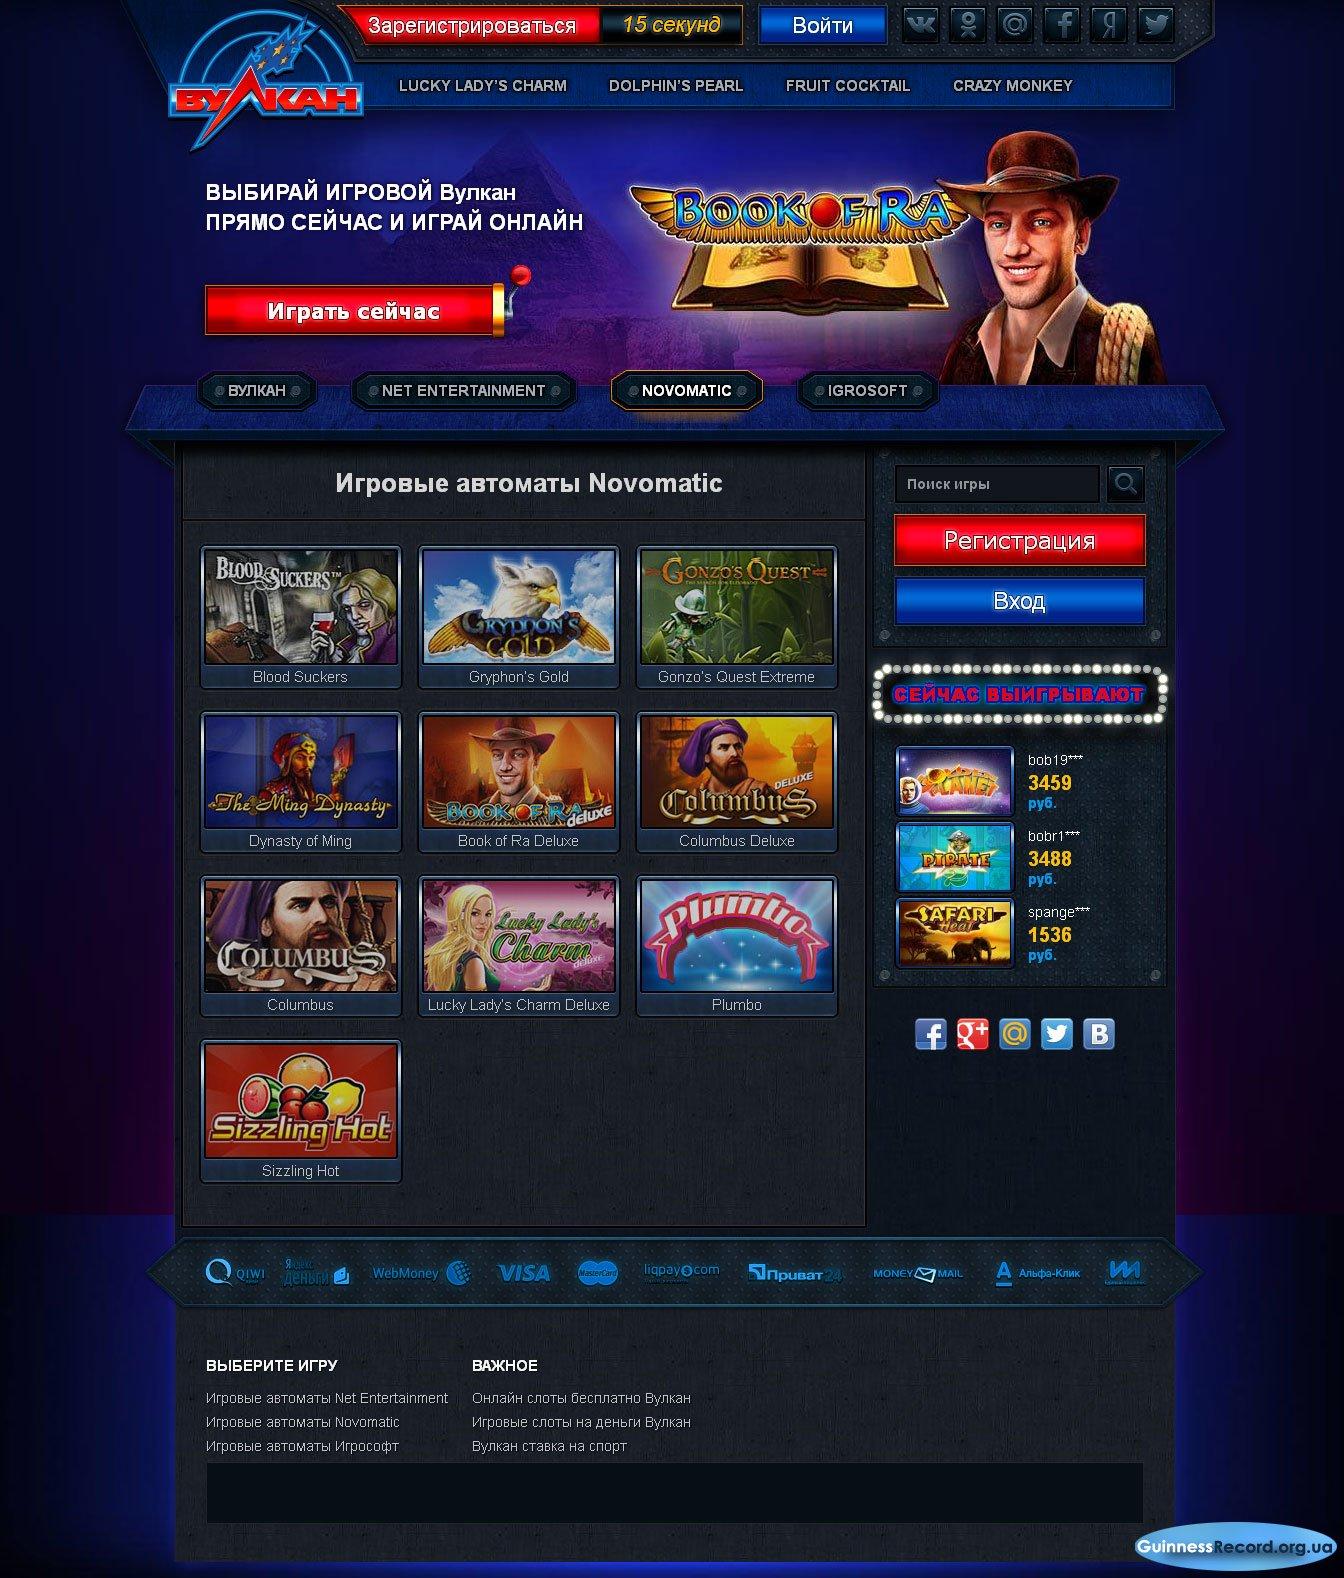 Игровые автоматы gslot играть бесплатно онлайн казино игровой автомат колумб lang ru